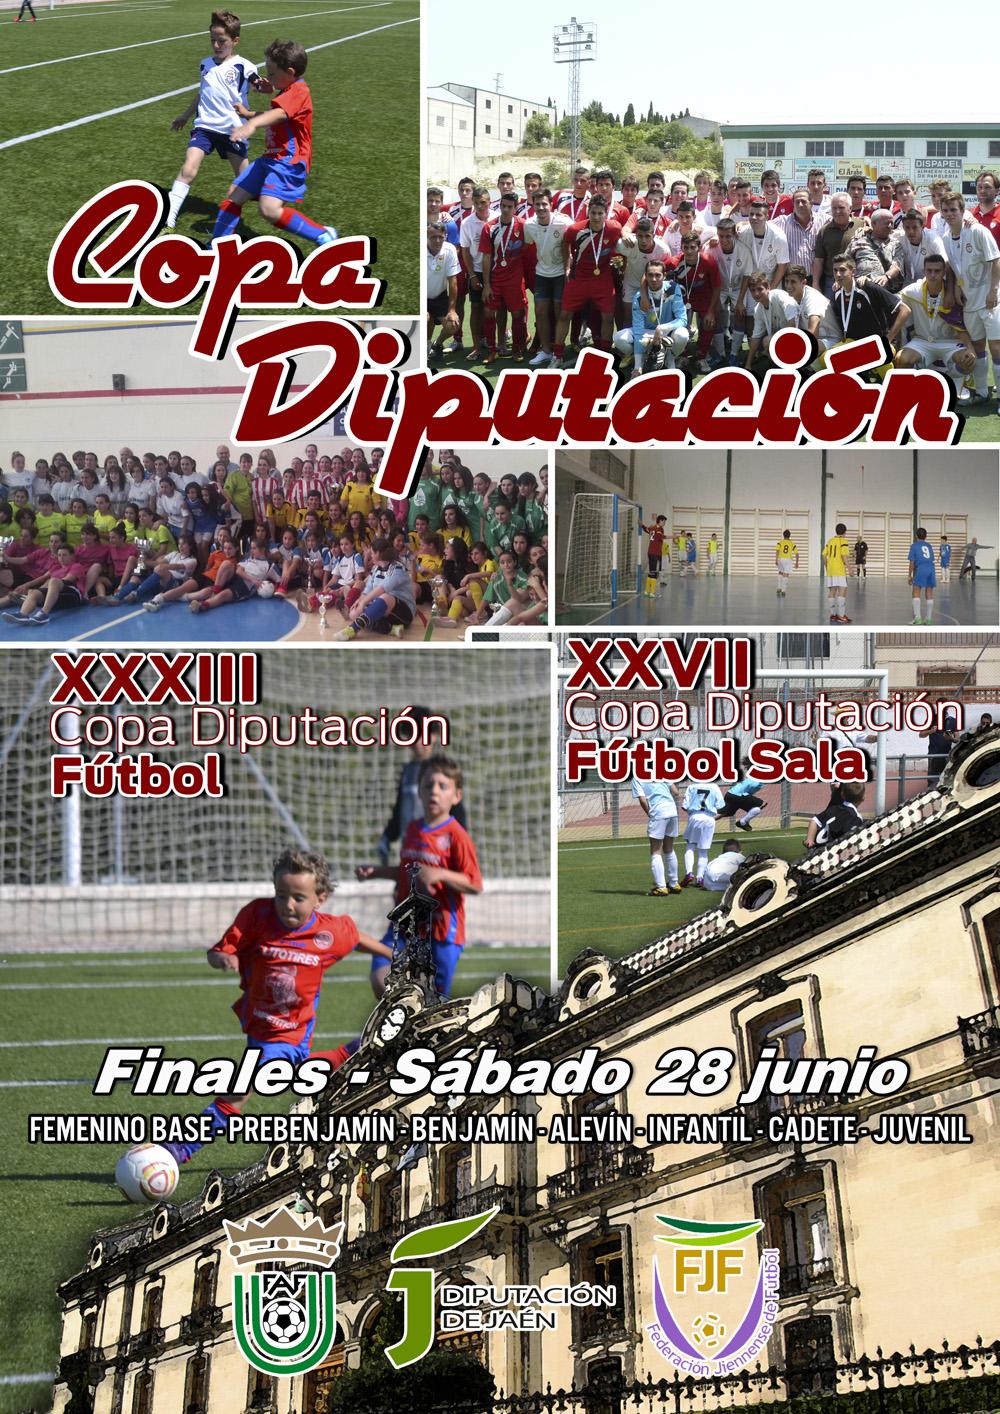 Arranca la Copa Diputación 2014